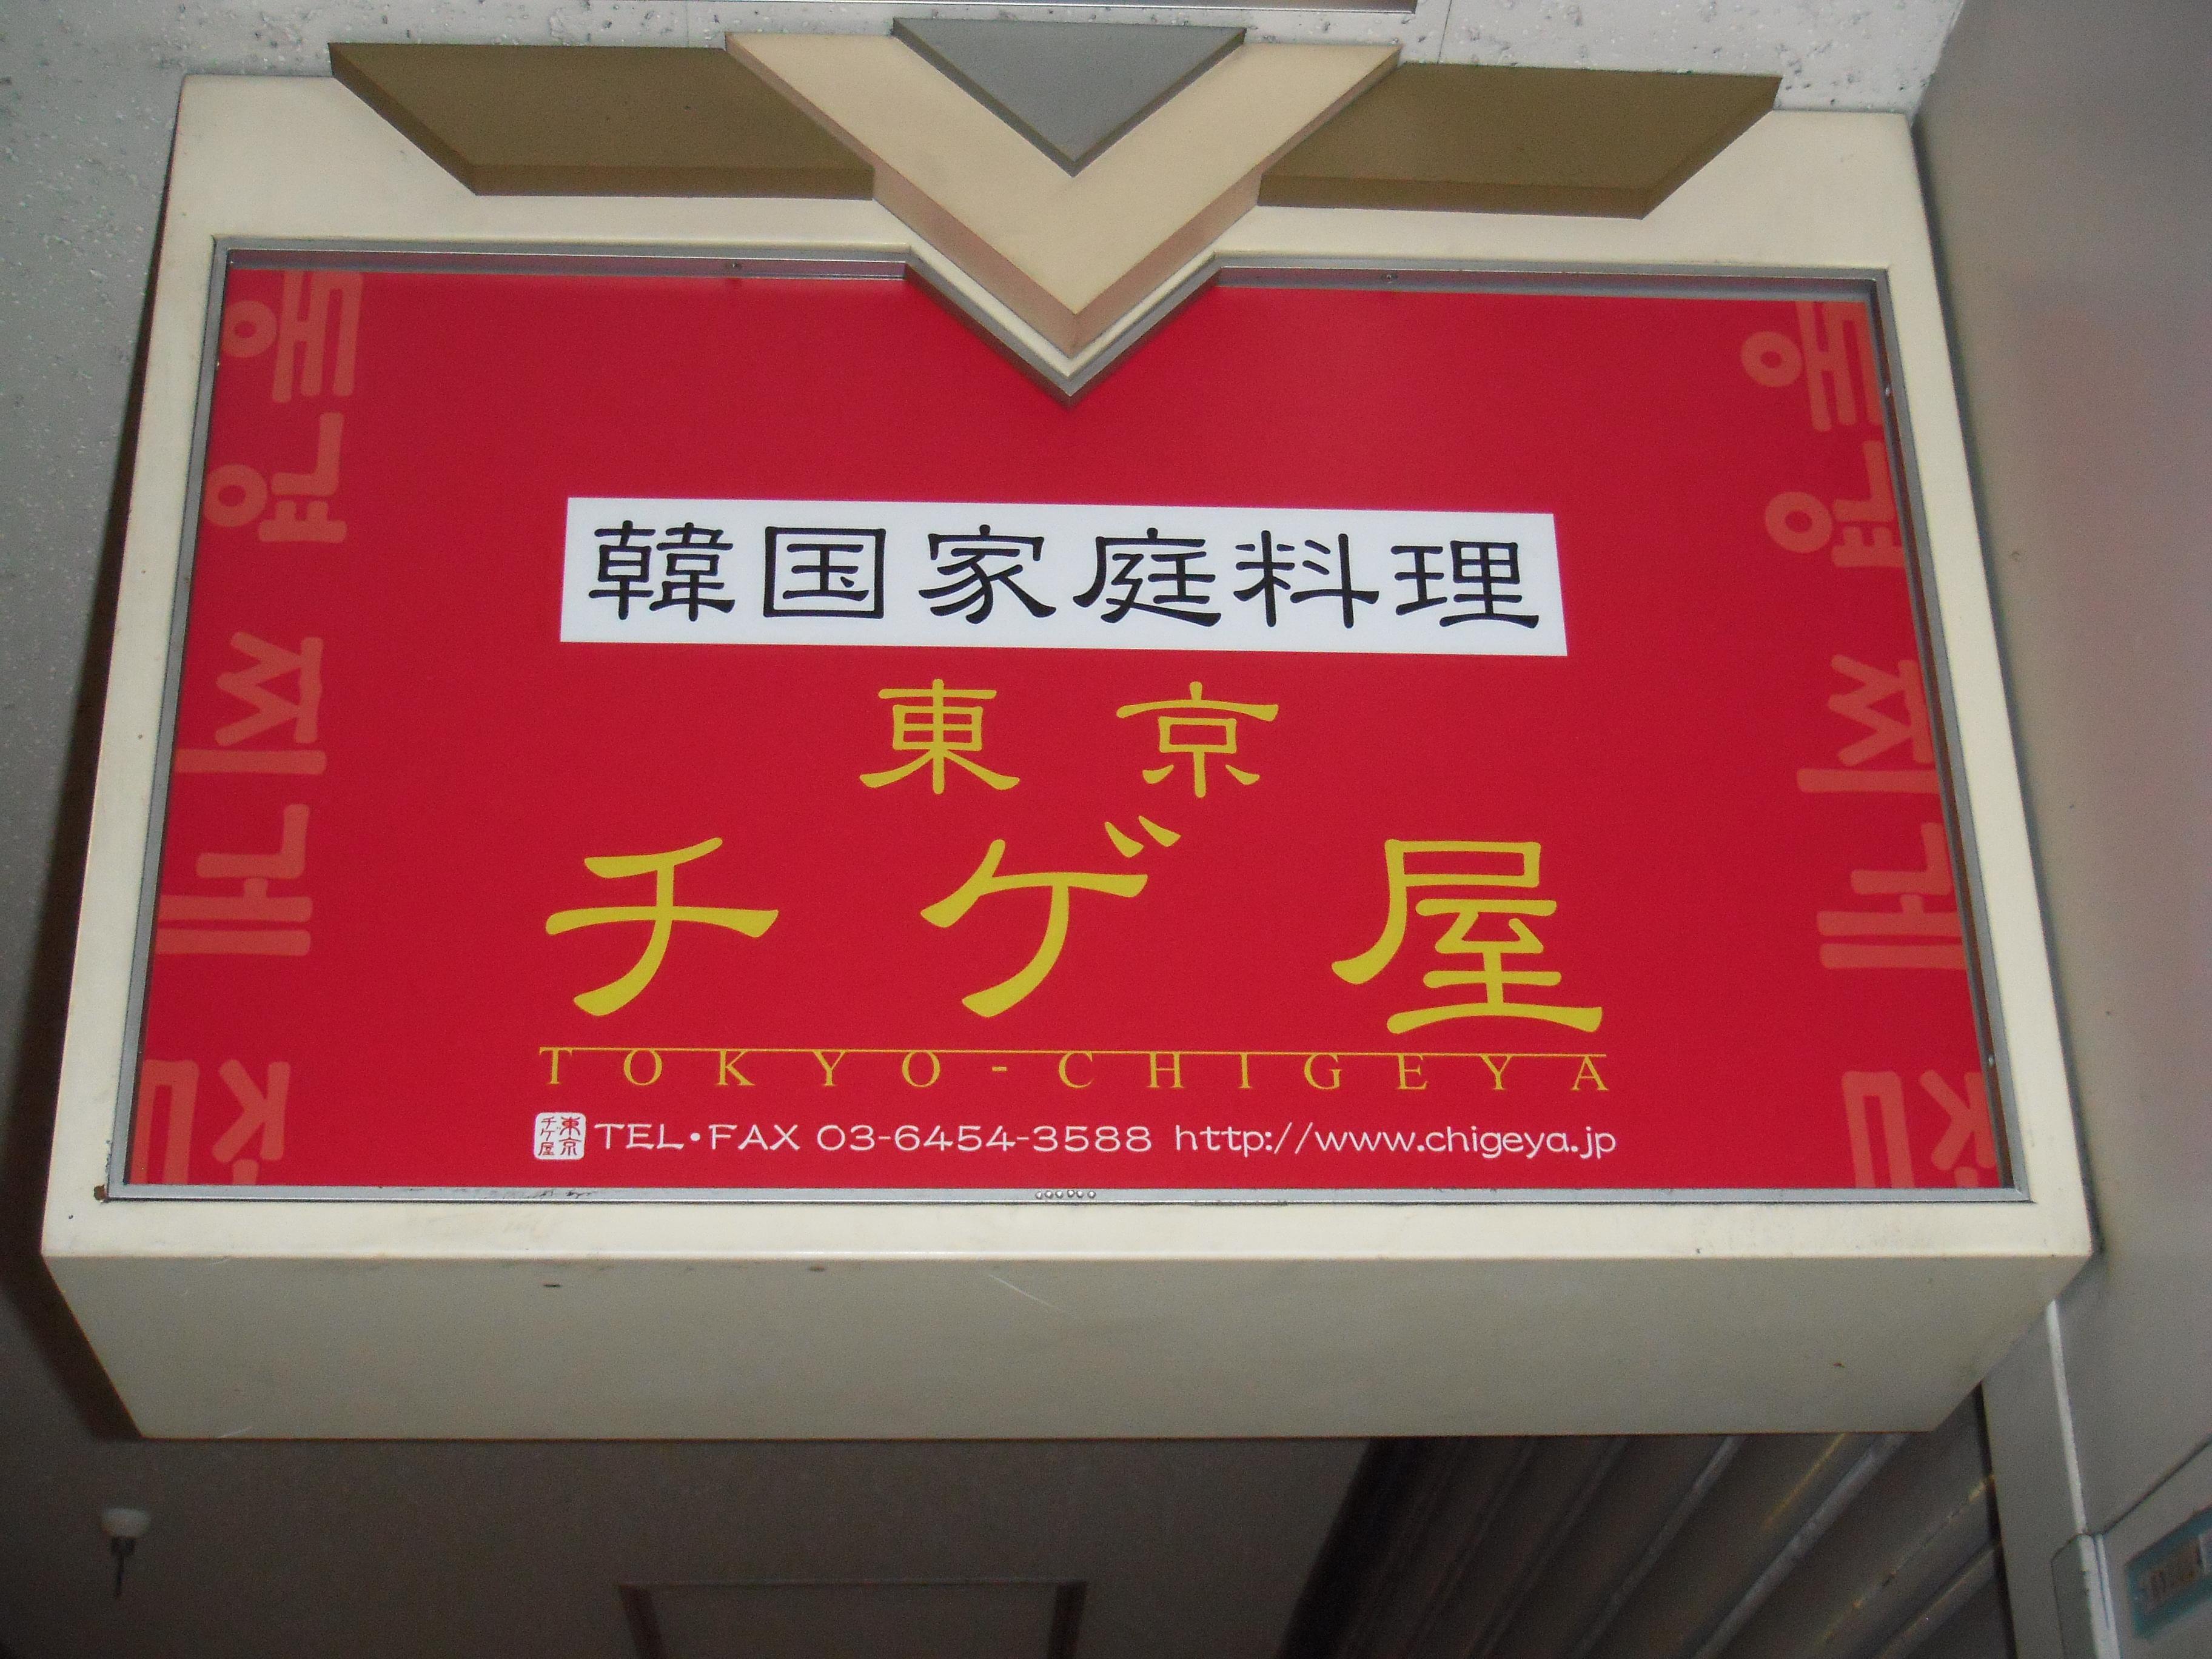 赤羽 韓国料理 東京チゲ屋様